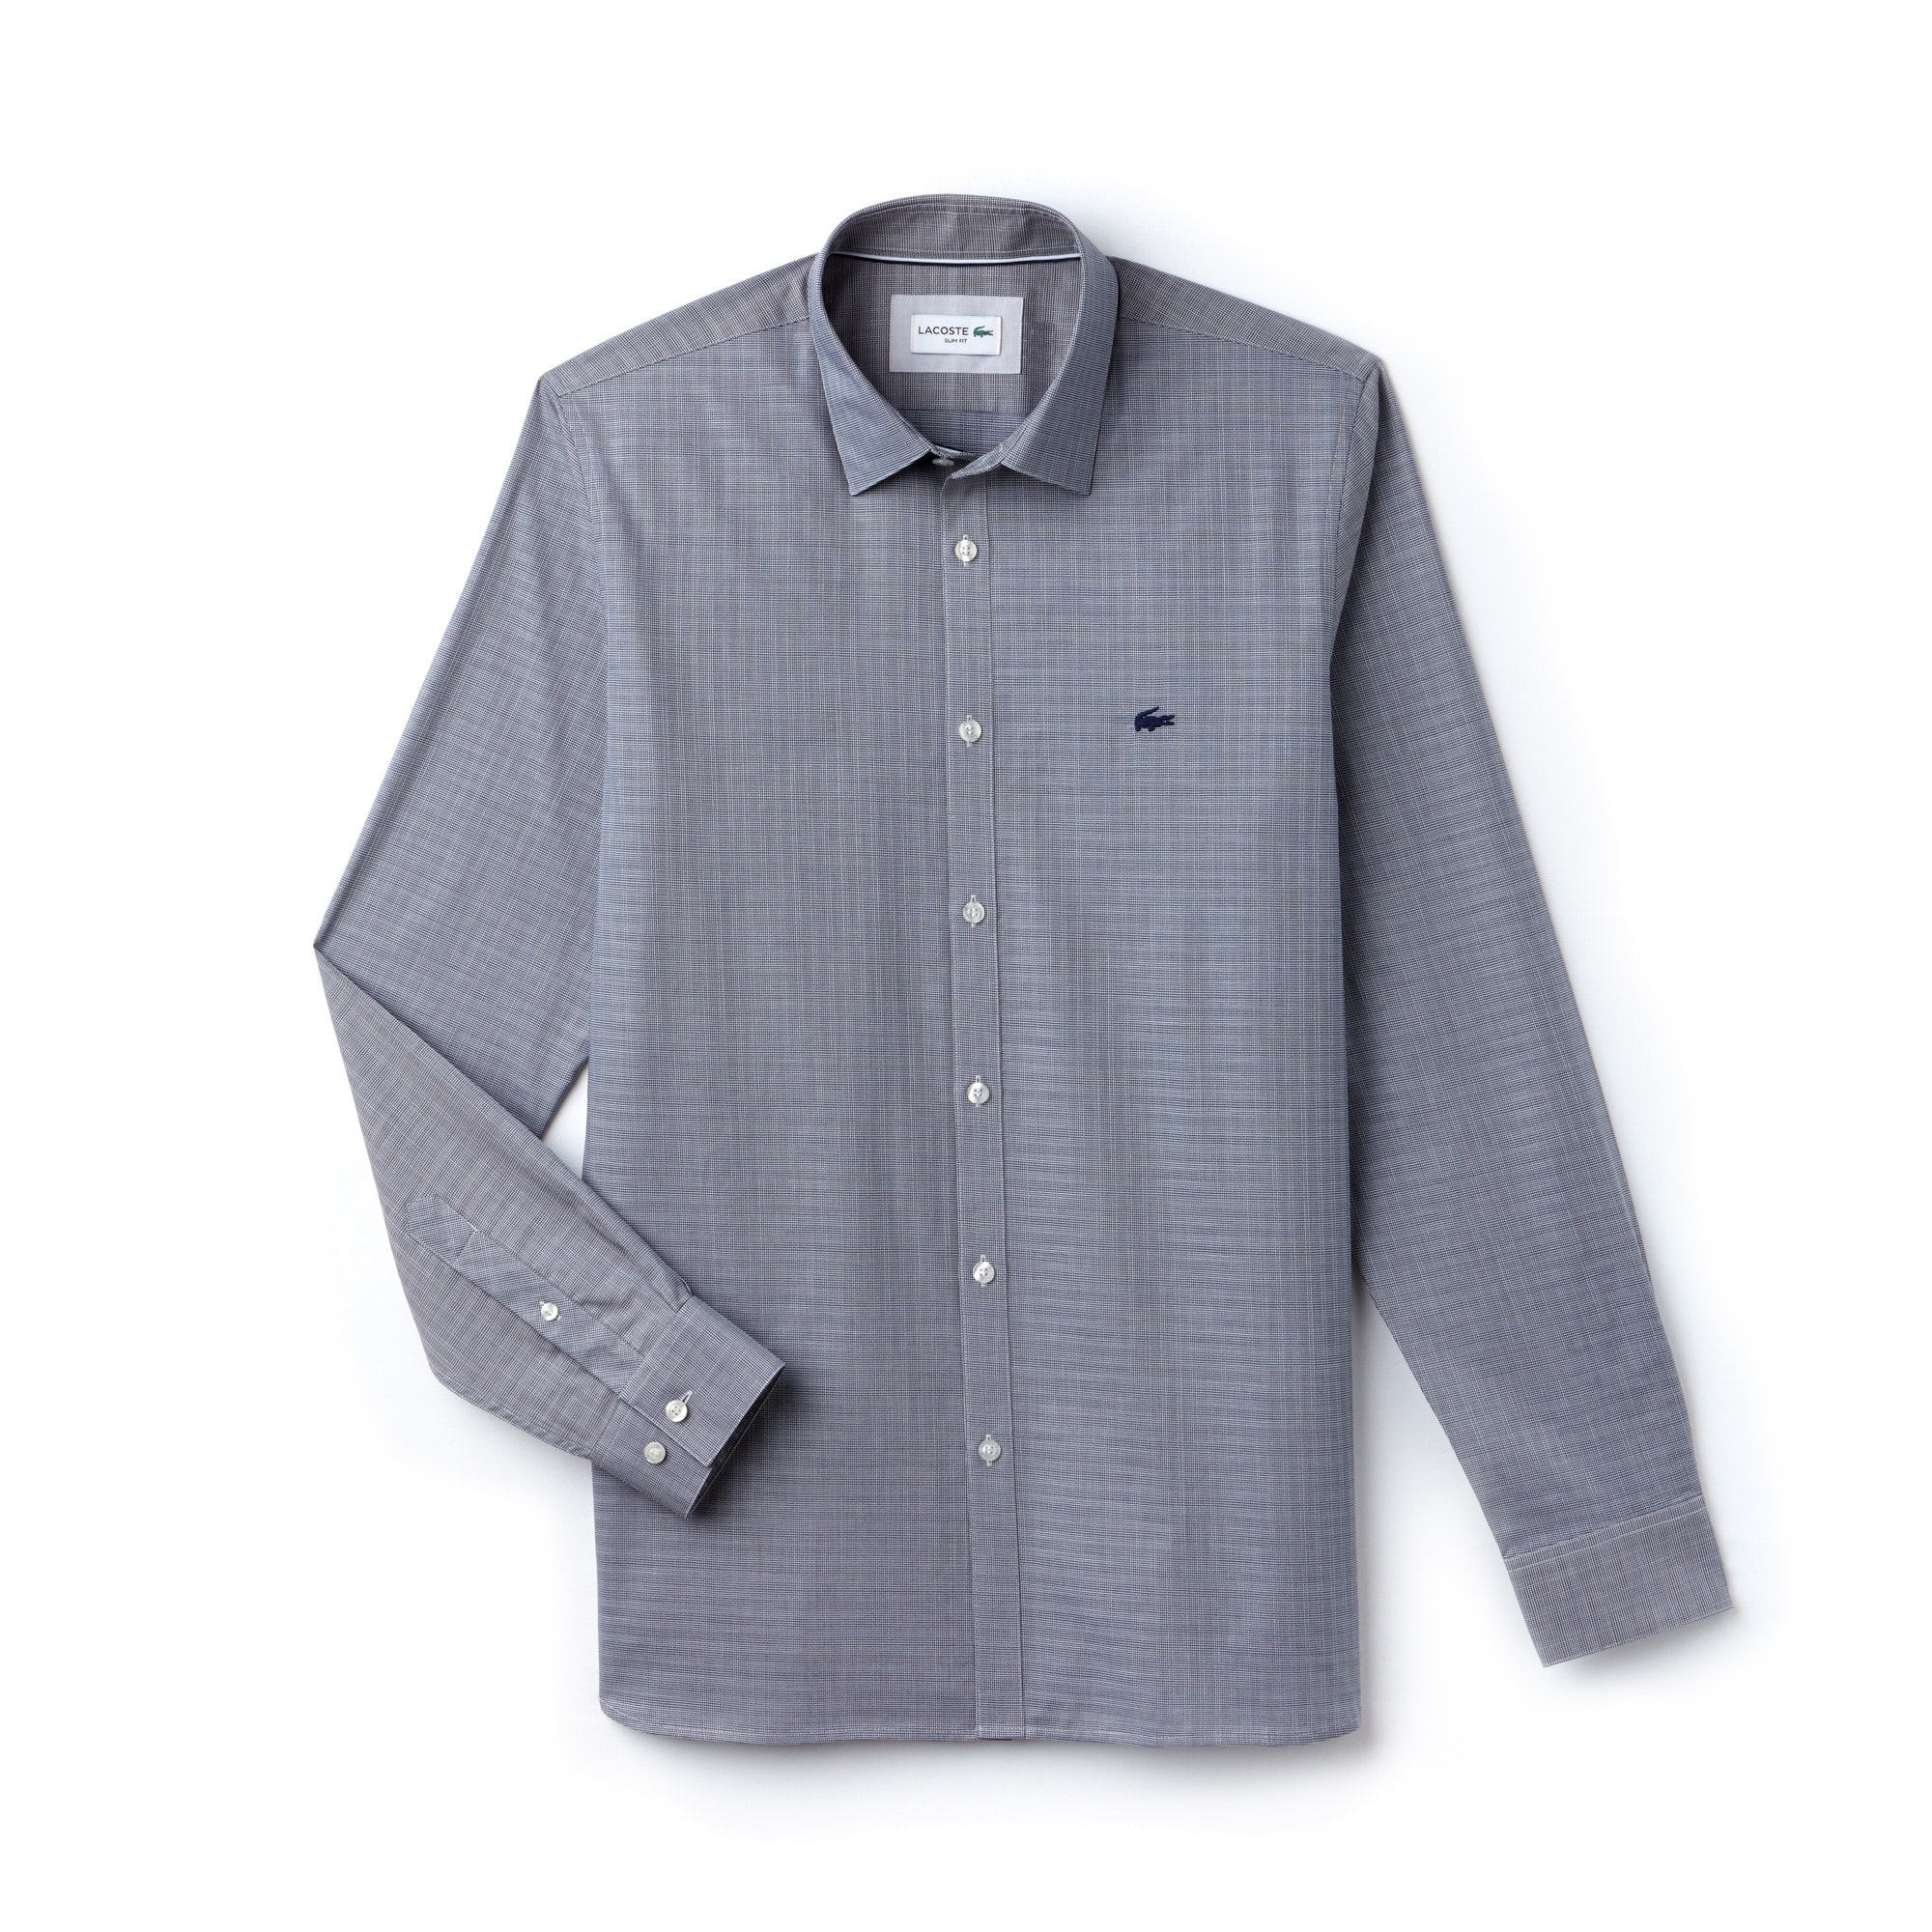 Lacoste - Camisa De Hombre Slim Fit En Jacquard De Popelín De Algodón - 3